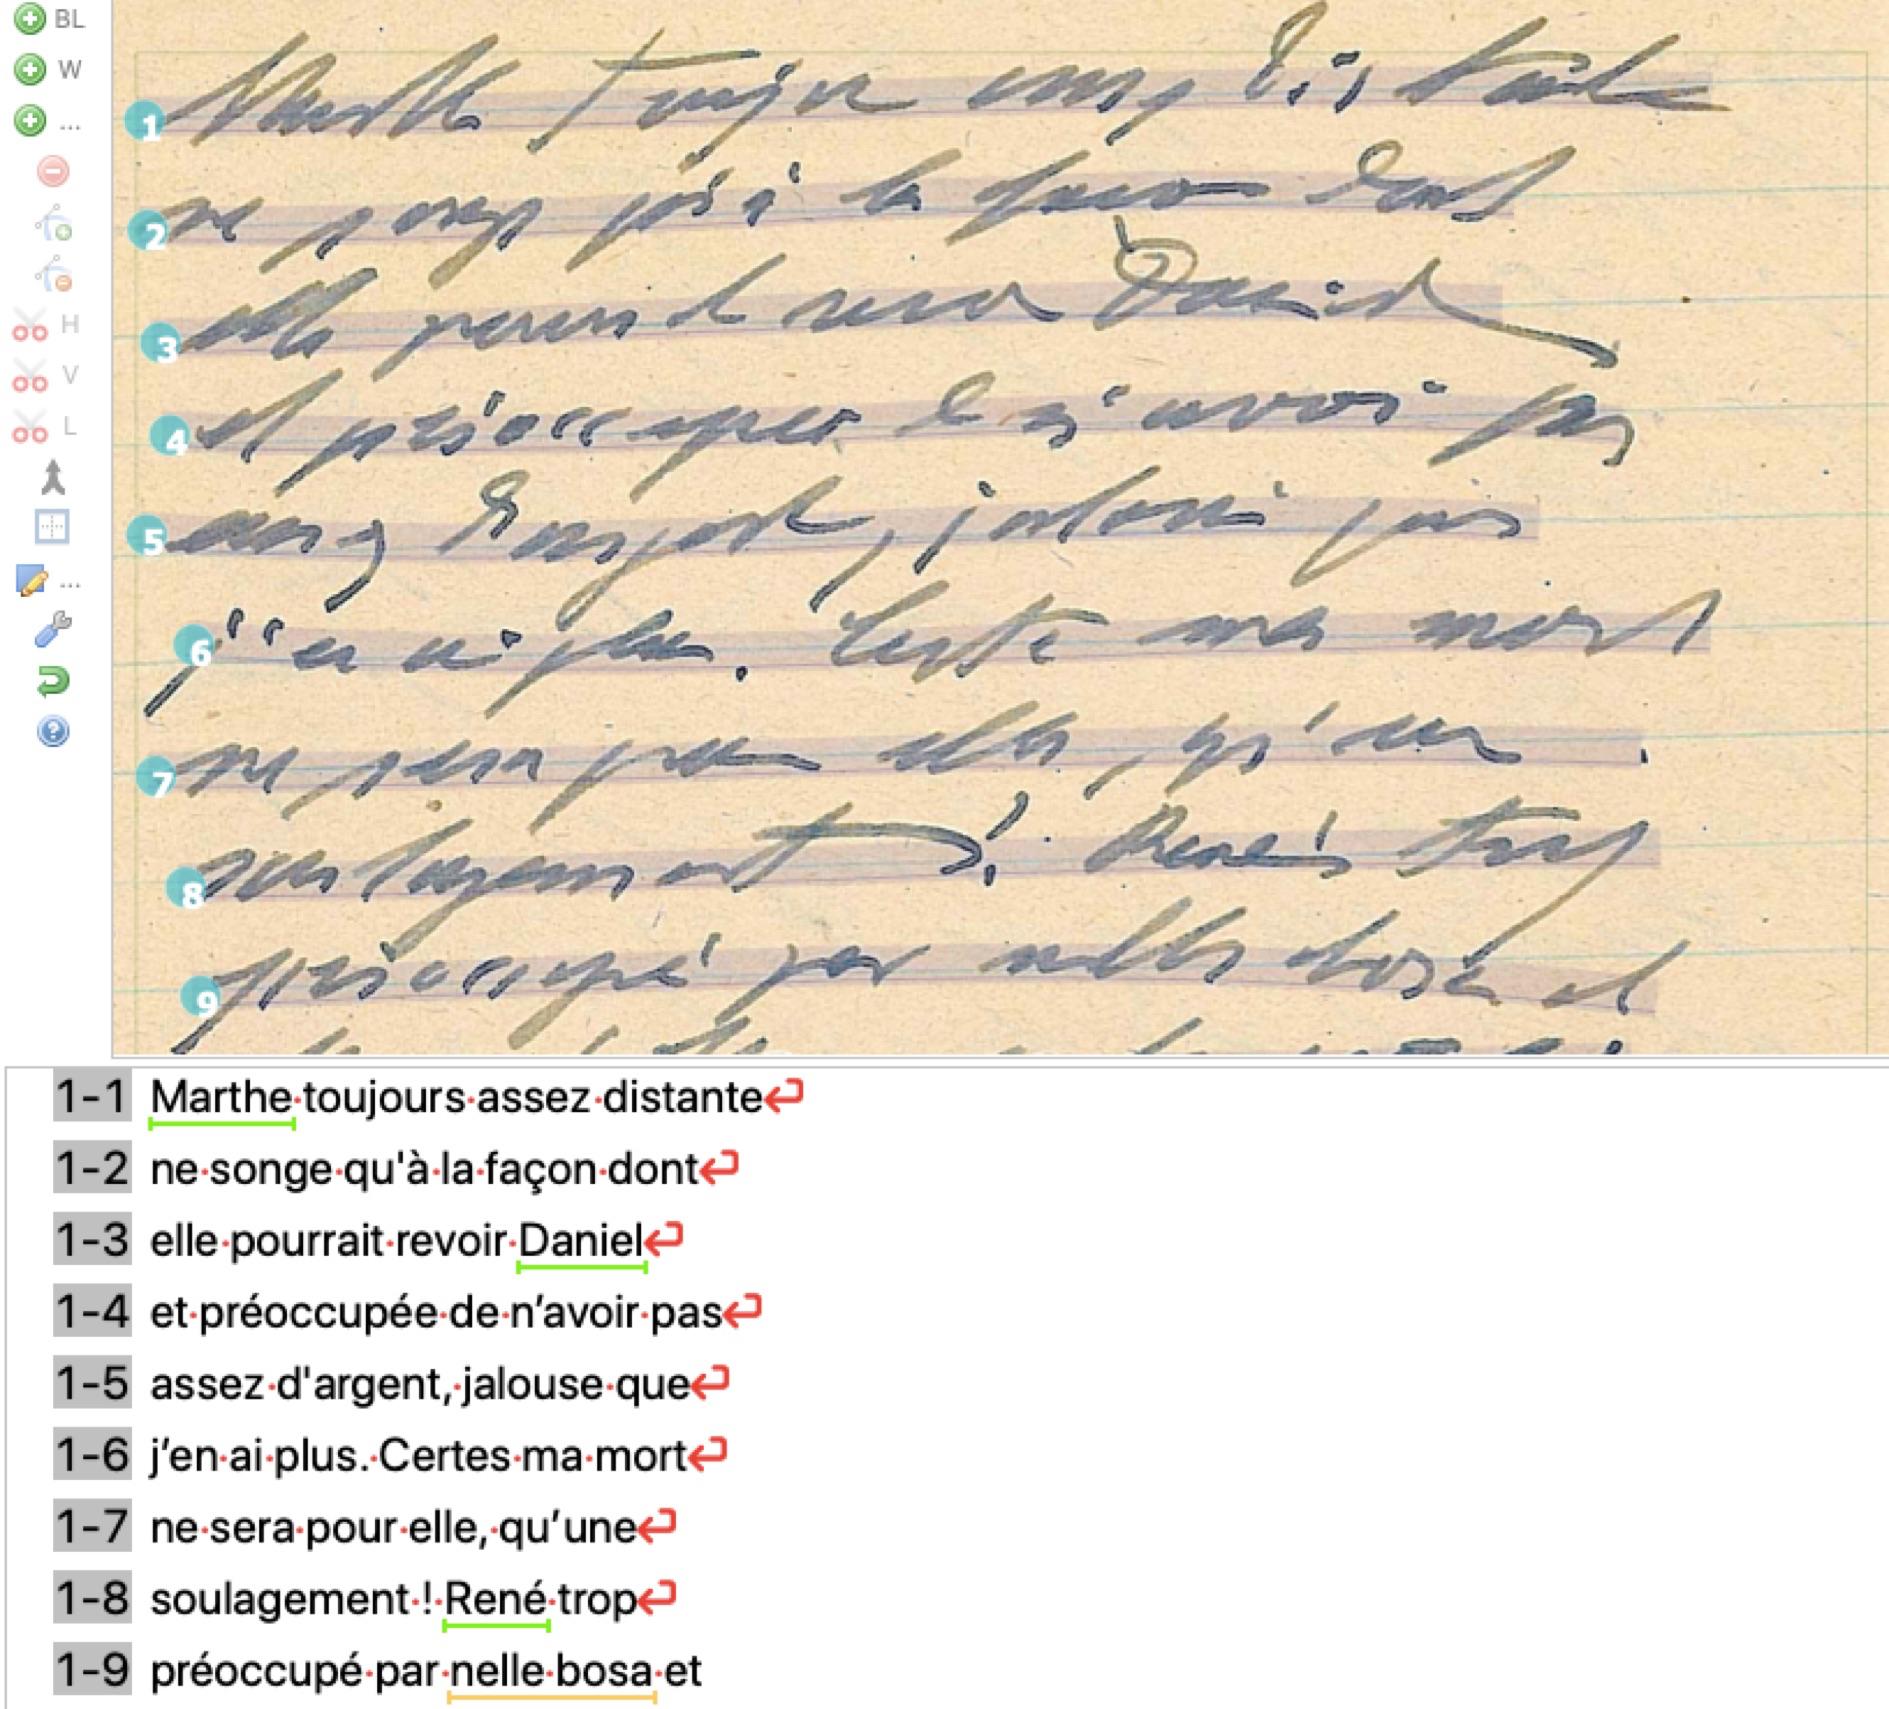 Transcription assistée par reconnaissance optique – Transkribus : l'expérience du journal intime d'Eugène Wilhelm (1885-1951)